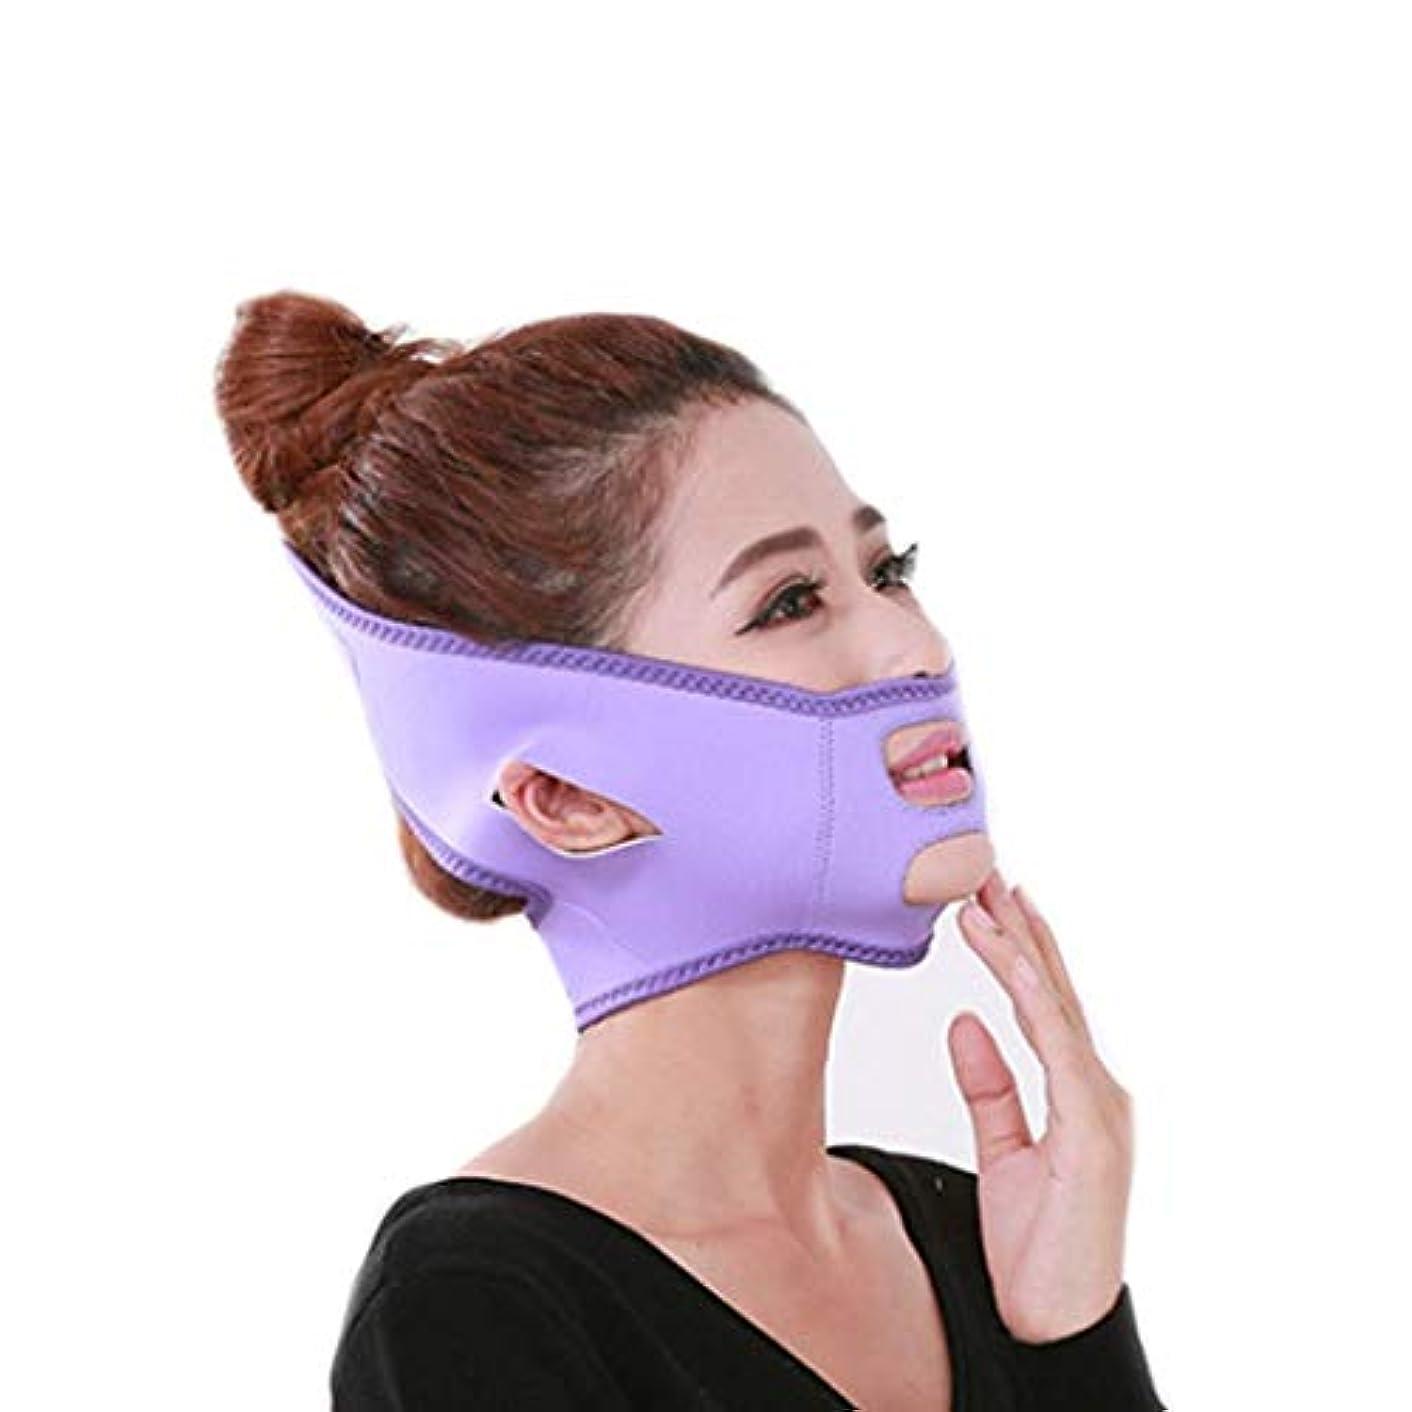 一時解雇する非武装化排出フェイスリフトテープ&バンド、フェイススリミングマスク、ダブルチン、ダブルチンリデューサー、シワ防止マスク、リフティングシェイプ(フリーサイズ)(カラー:ピンク),紫の